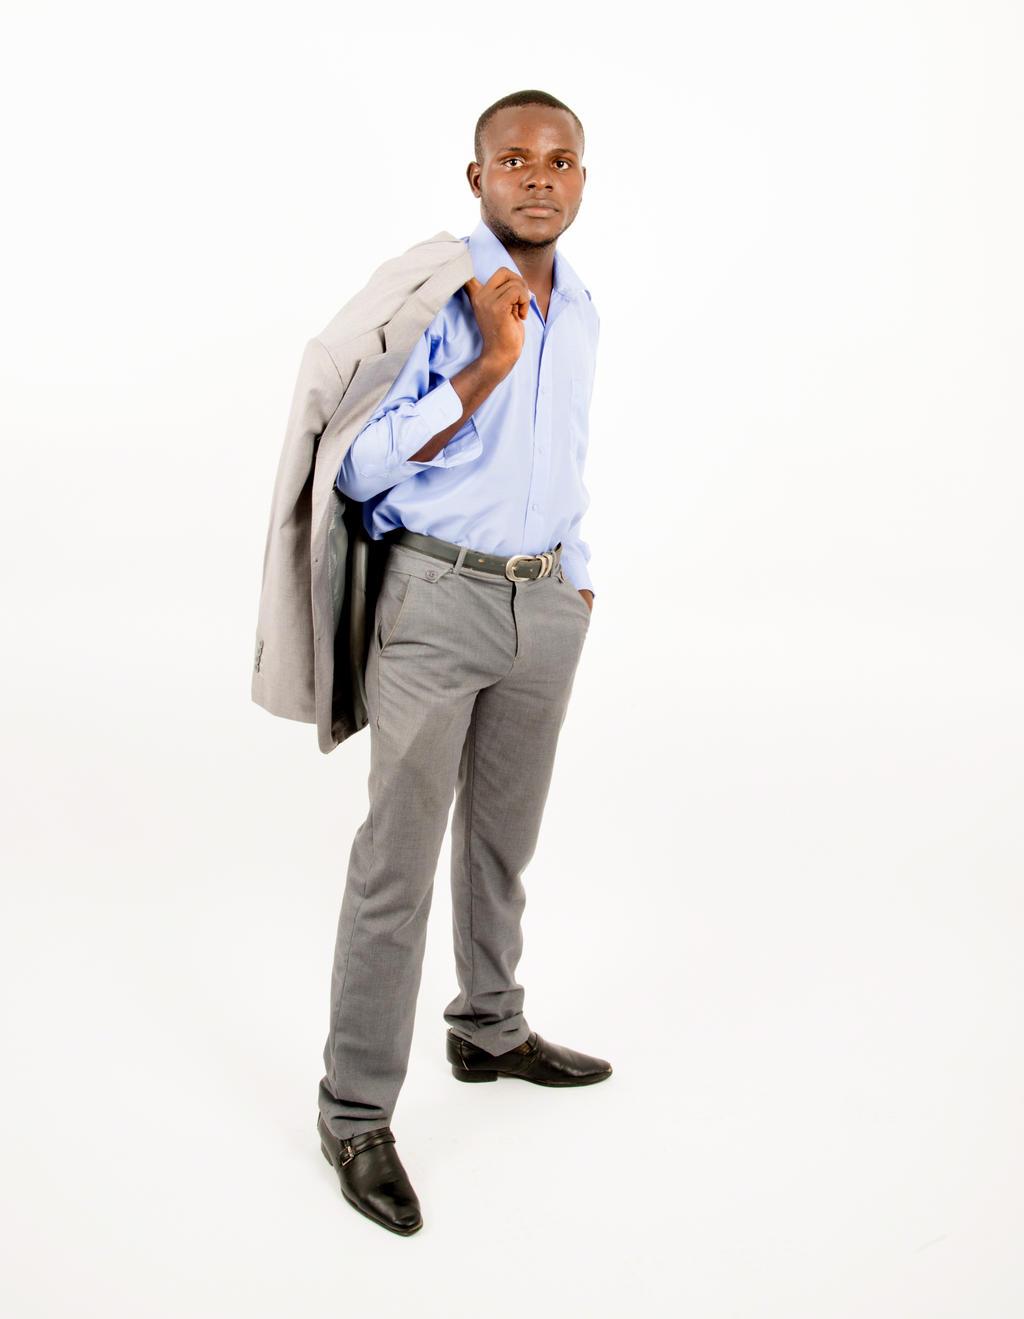 Grey Suit Black Shirt Black Tie White Shoes